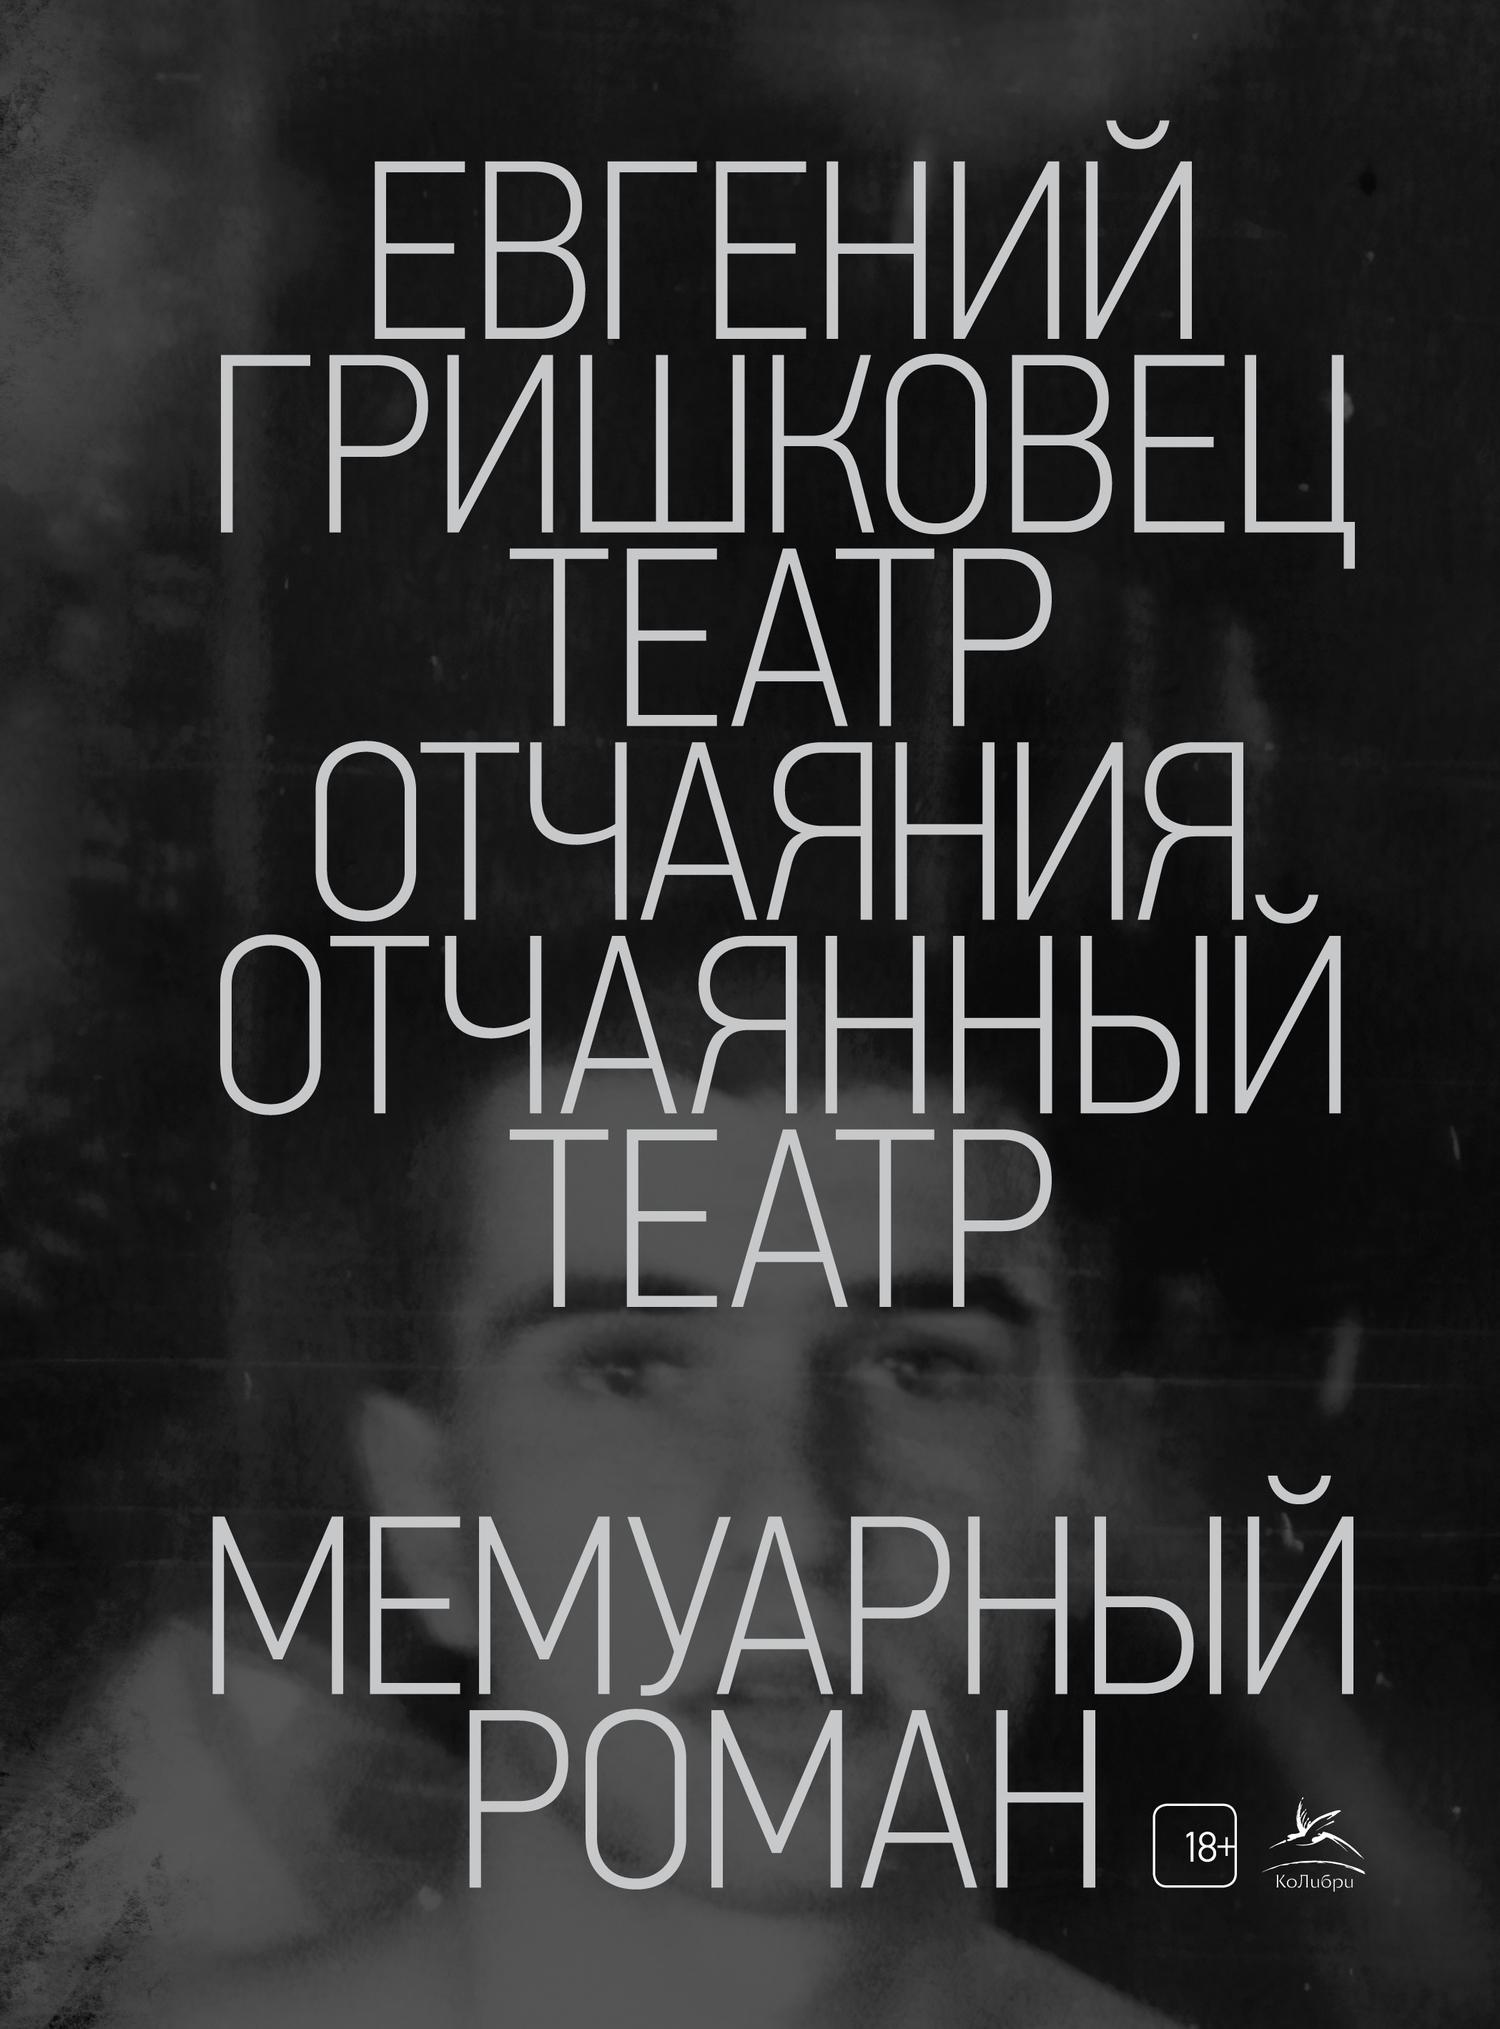 Книга Театр отчаяния. Отчаянный театр